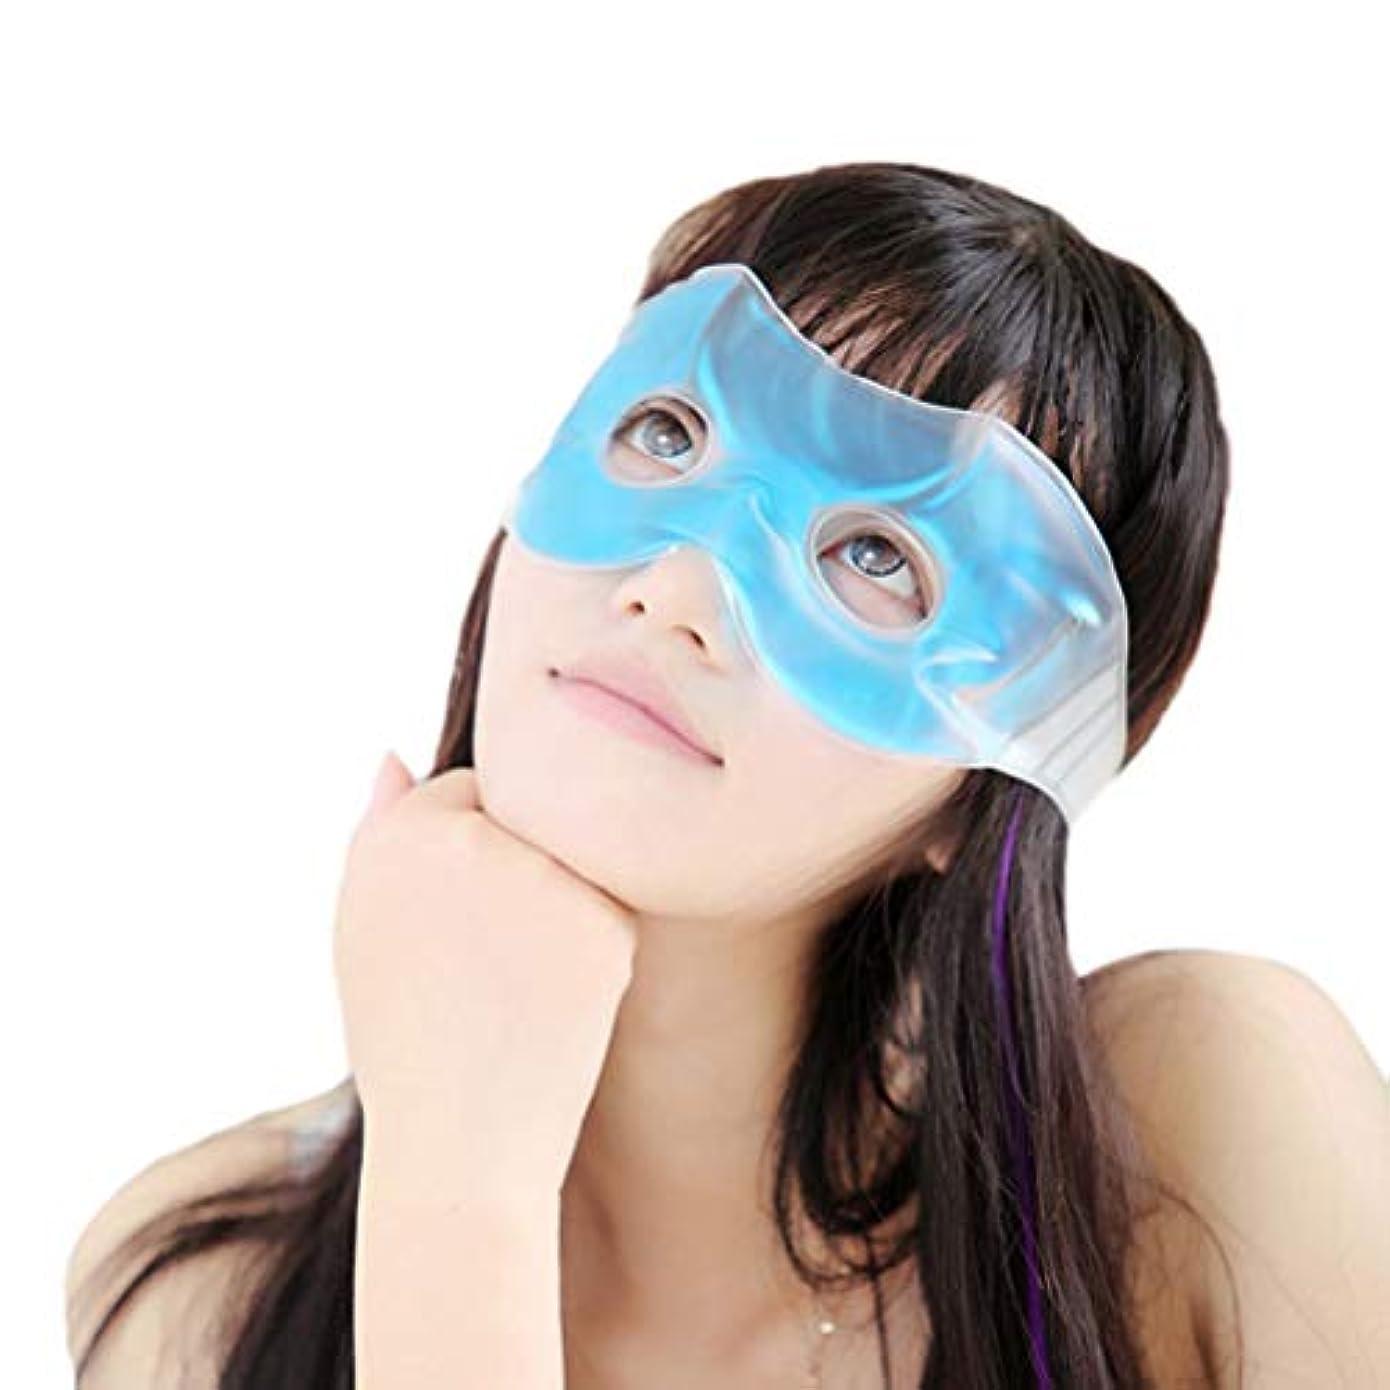 ホイスト焼く終了しましたHealifty アイマスク ゲル アイスパッド アイスアイマスク 目隠し リラックス 冷却 パック 再使用可能 目の疲れ軽減 安眠 血行促進